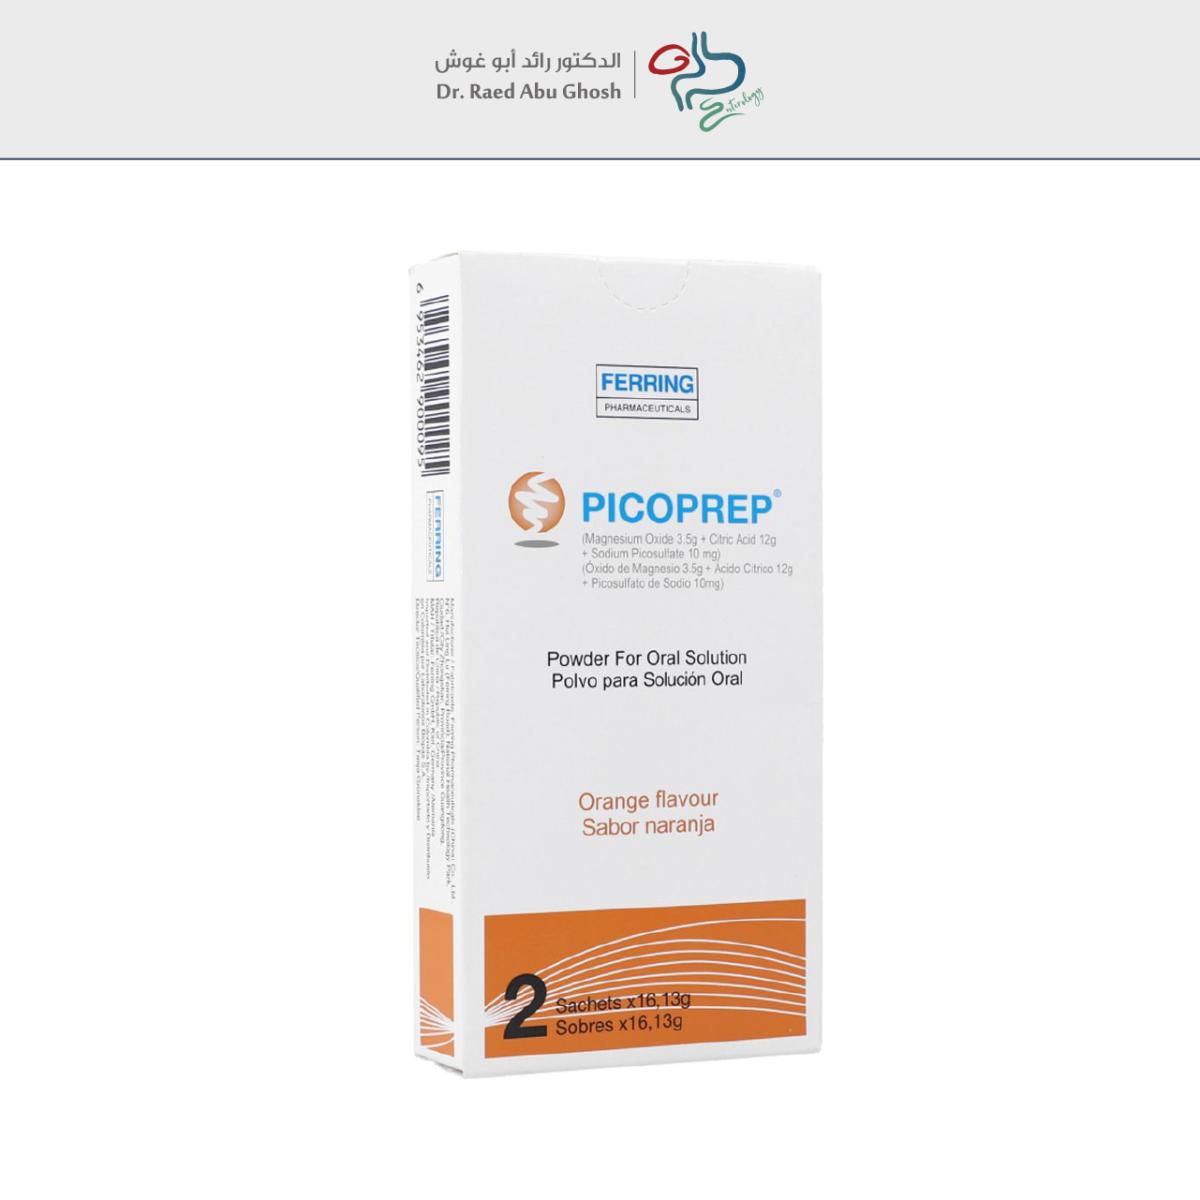 -رائد-التحضير-للتنظير-الهضمي-السفلي-باستخدام-PICOPREP-1200x1200.png